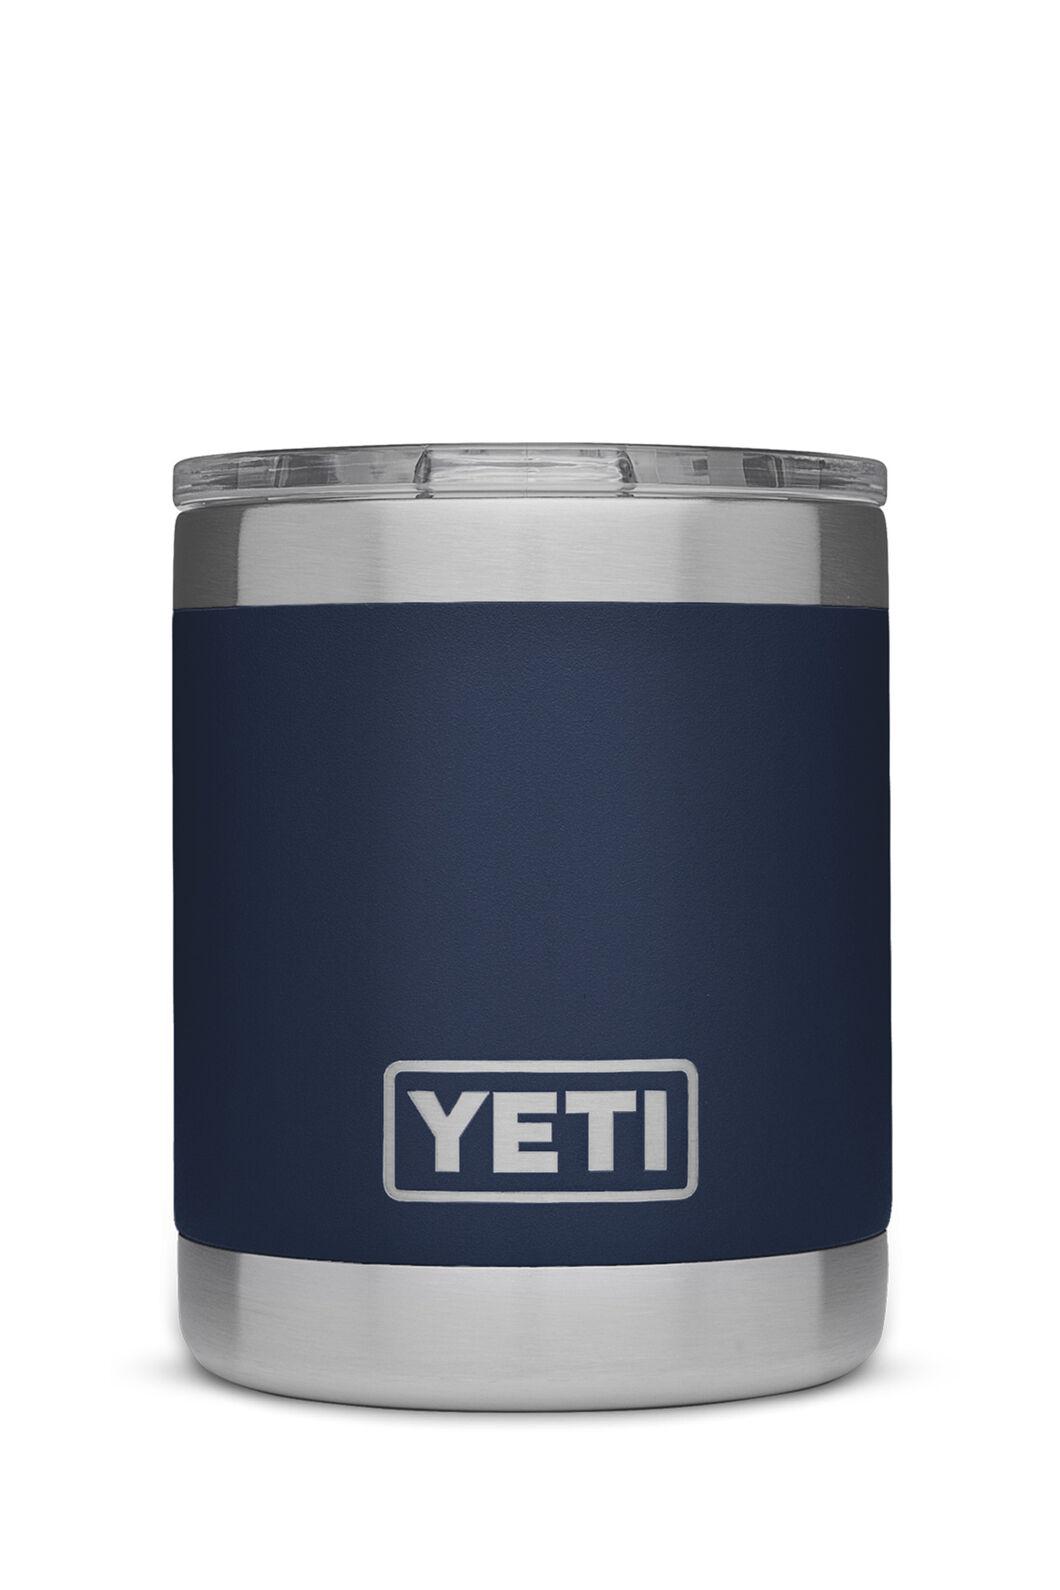 Yeti Rambler Lowball Tumbler Stainless Steel, Navy, hi-res